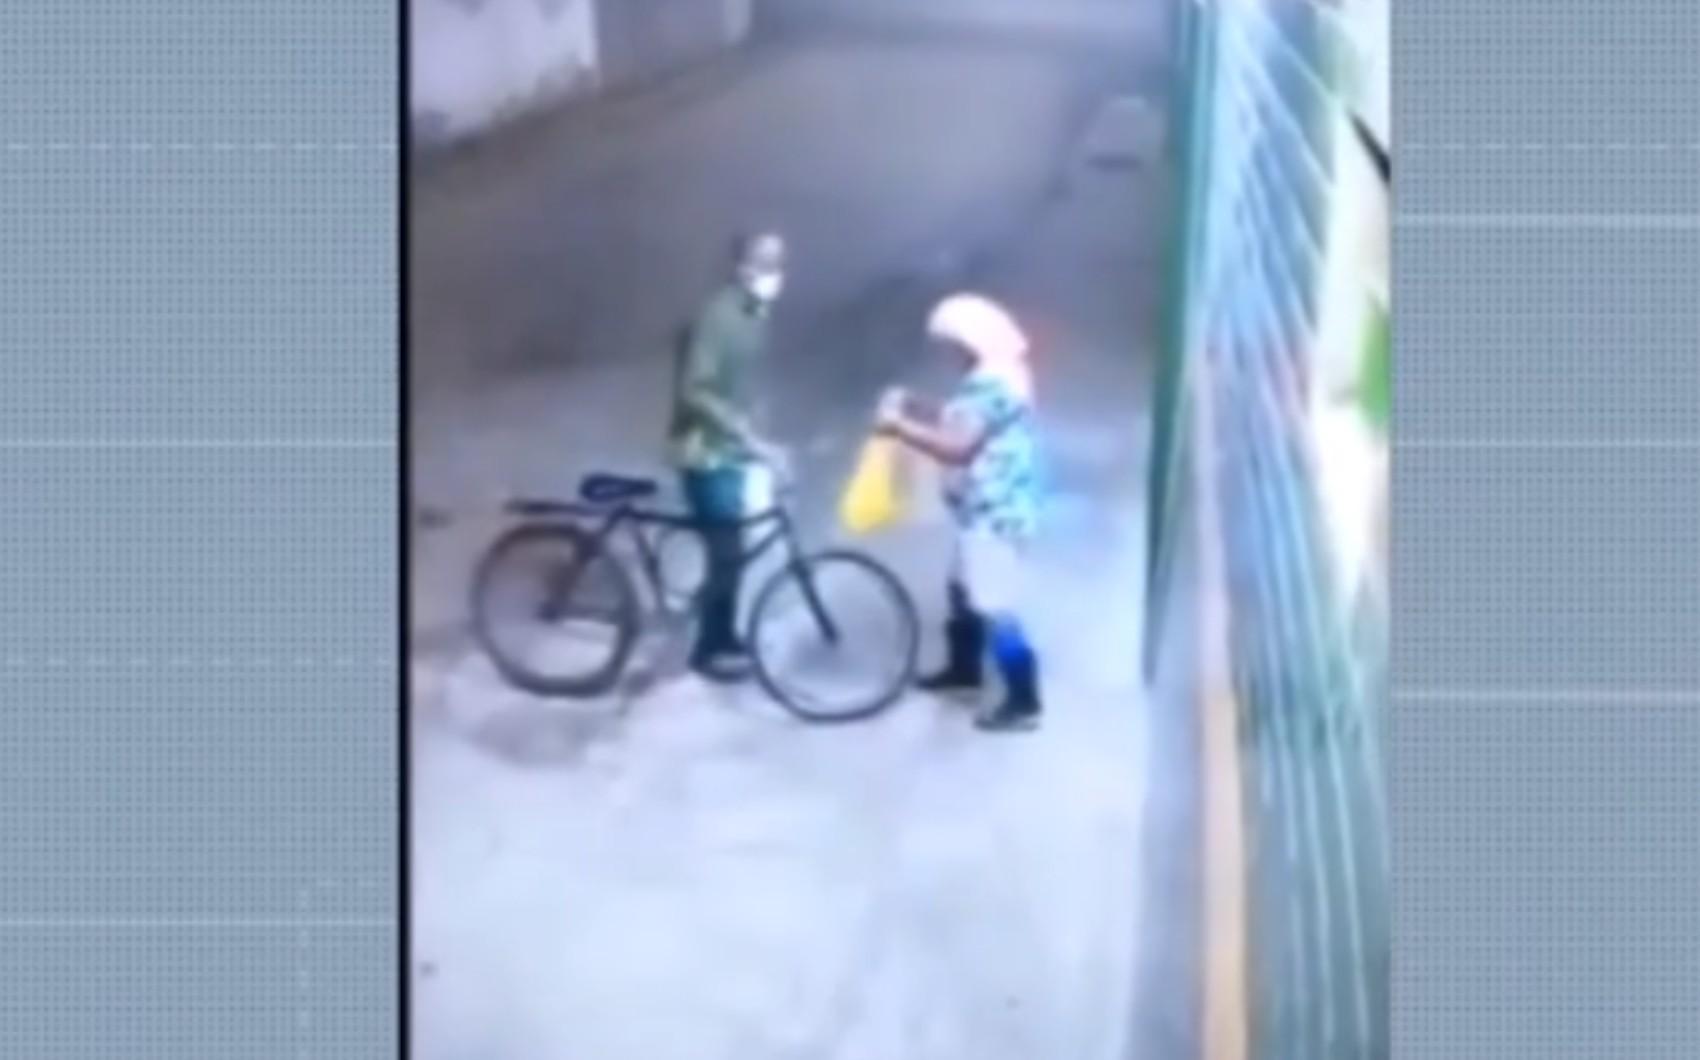 Homem suspeito de tentativa de estupro é preso pela segunda vez três dias após ser solto em Feira de Santana